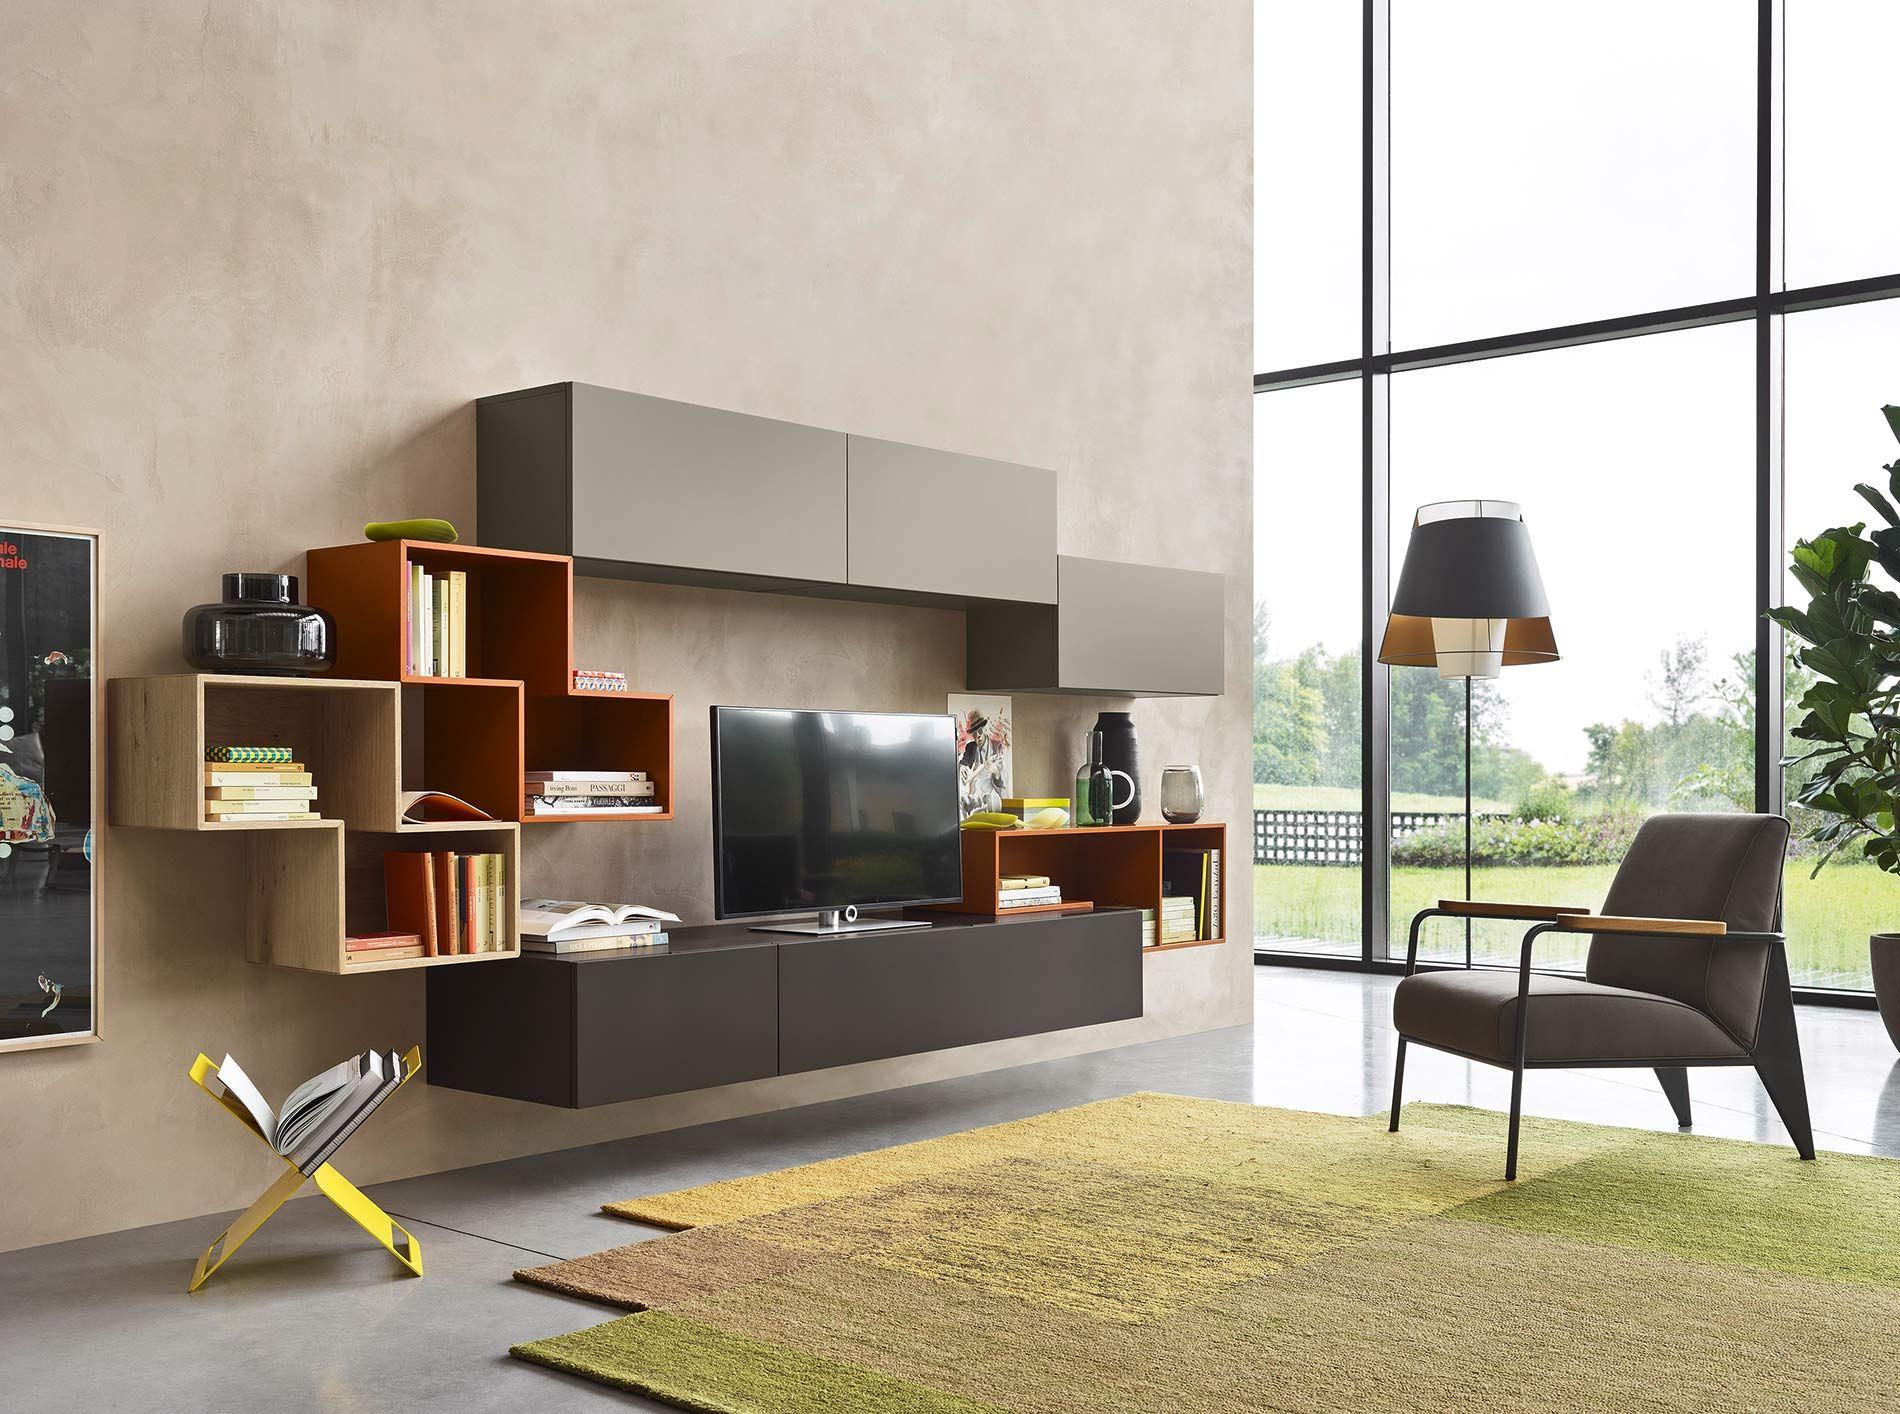 Tv Wand Design einzigartige design tv wand aus italien wohnwand wallsystem